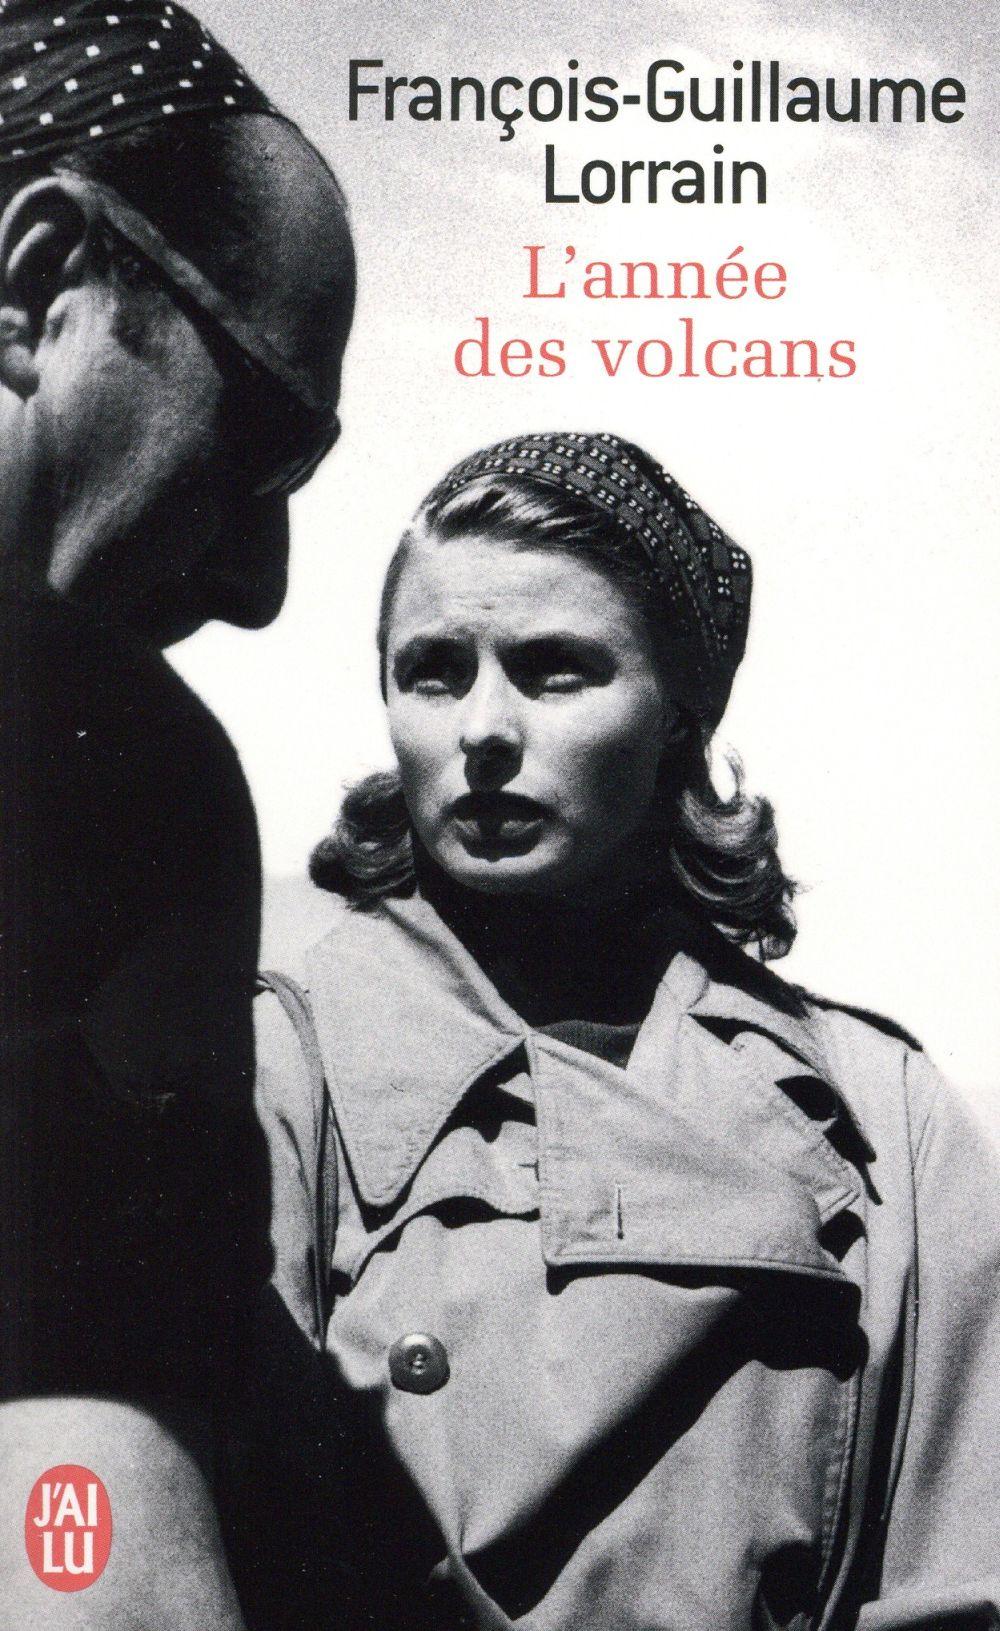 L'ANNEE DES VOLCANS